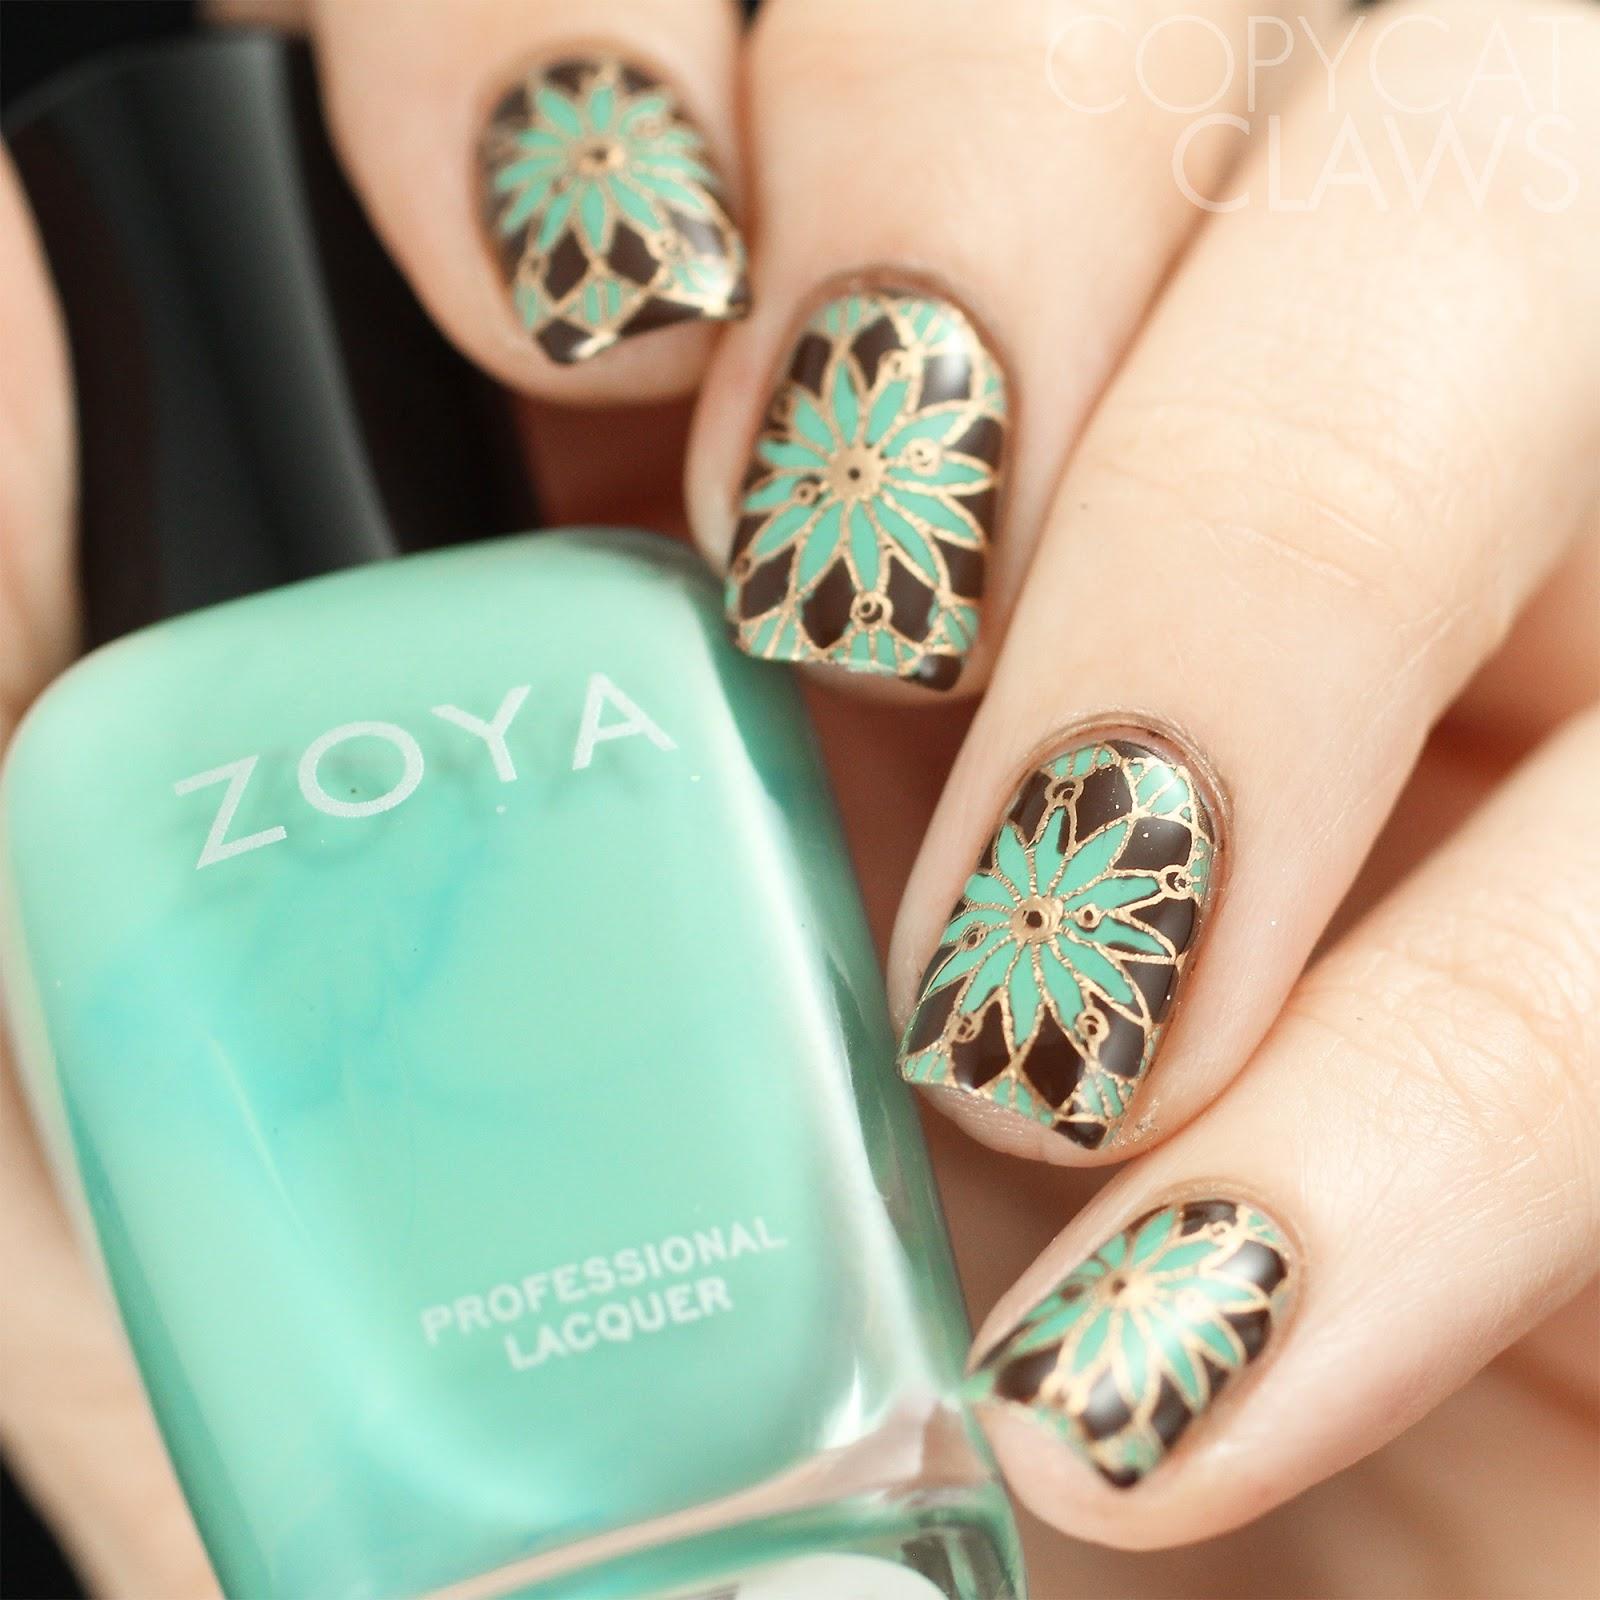 3gorgeous Bohemian Nail Art